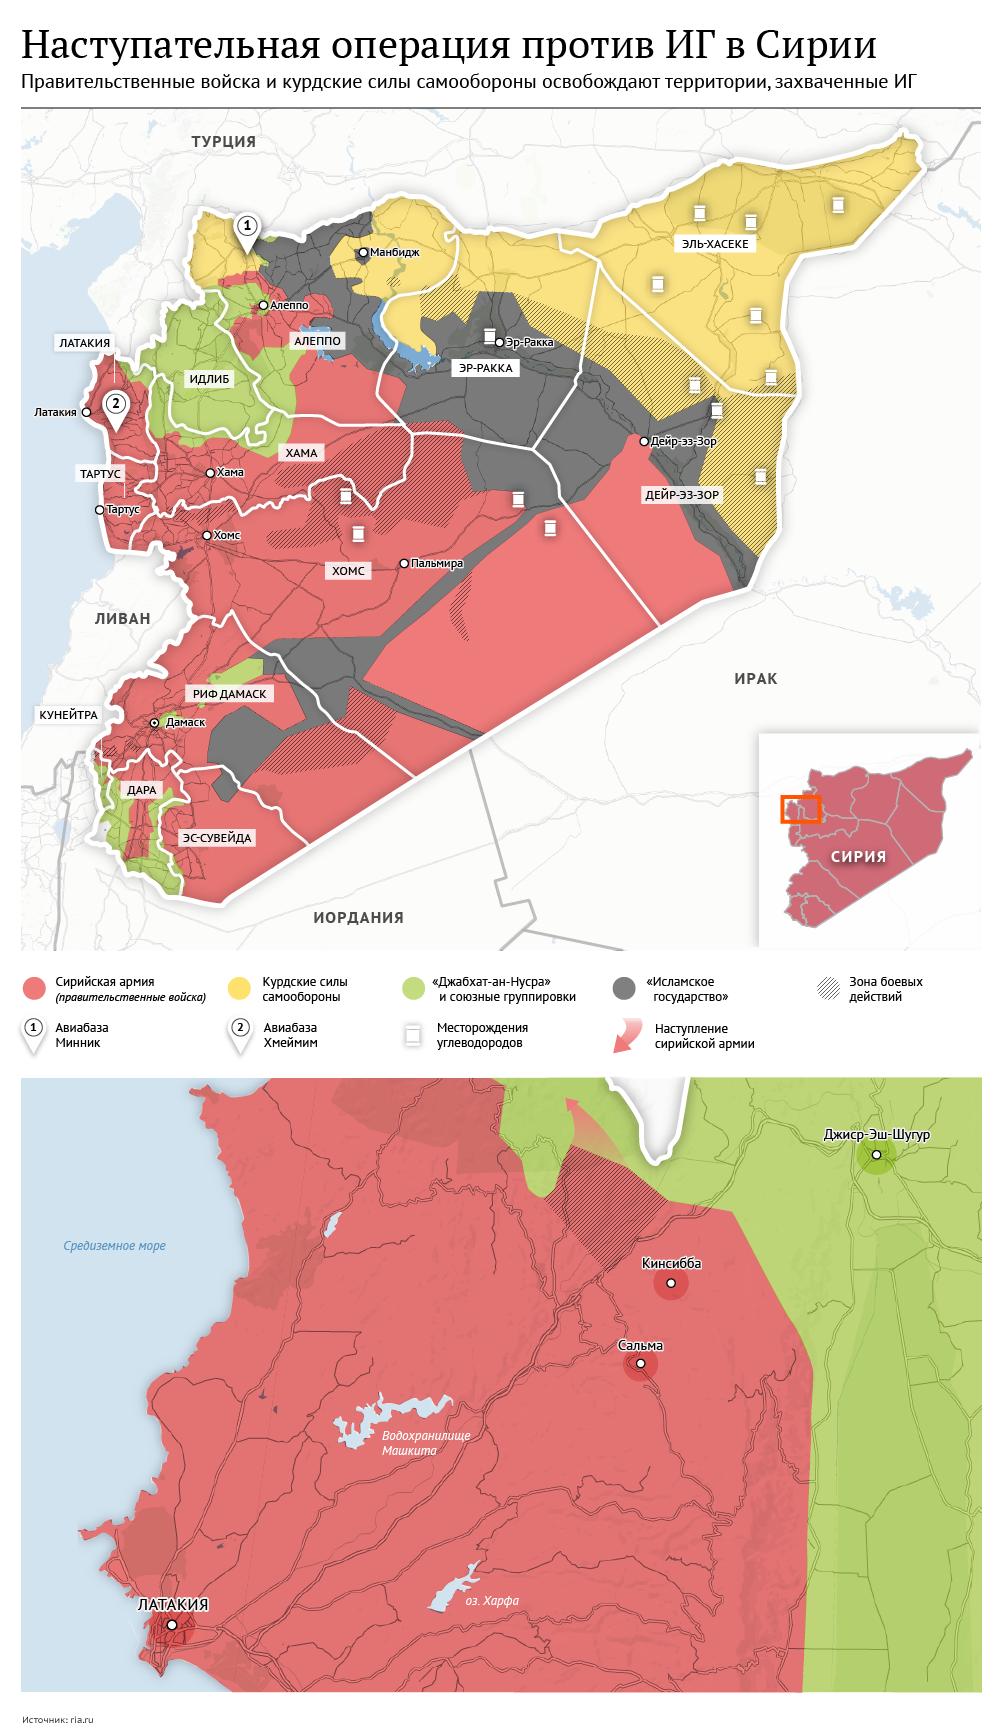 Наступательная операция против ИГ в Сирии